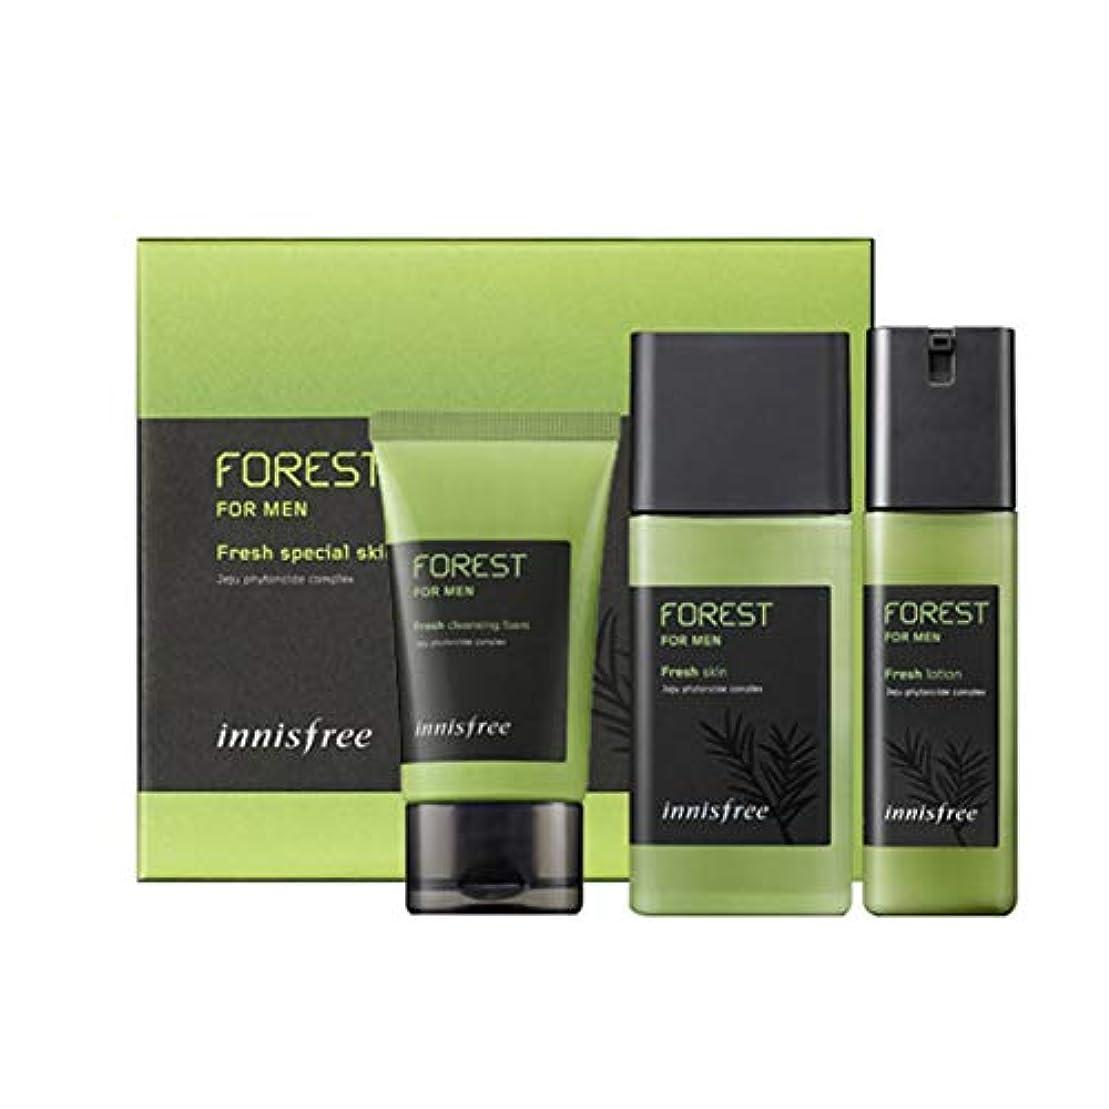 乏しい亡命大イニスフリーフォレストフォーマンフレッシュスキンケアセットスキンローションクレンジングフォームメンズコスメ 韓国コスメ、innisfree Forest for Men Fresh Skincare Set Skin Lotion...